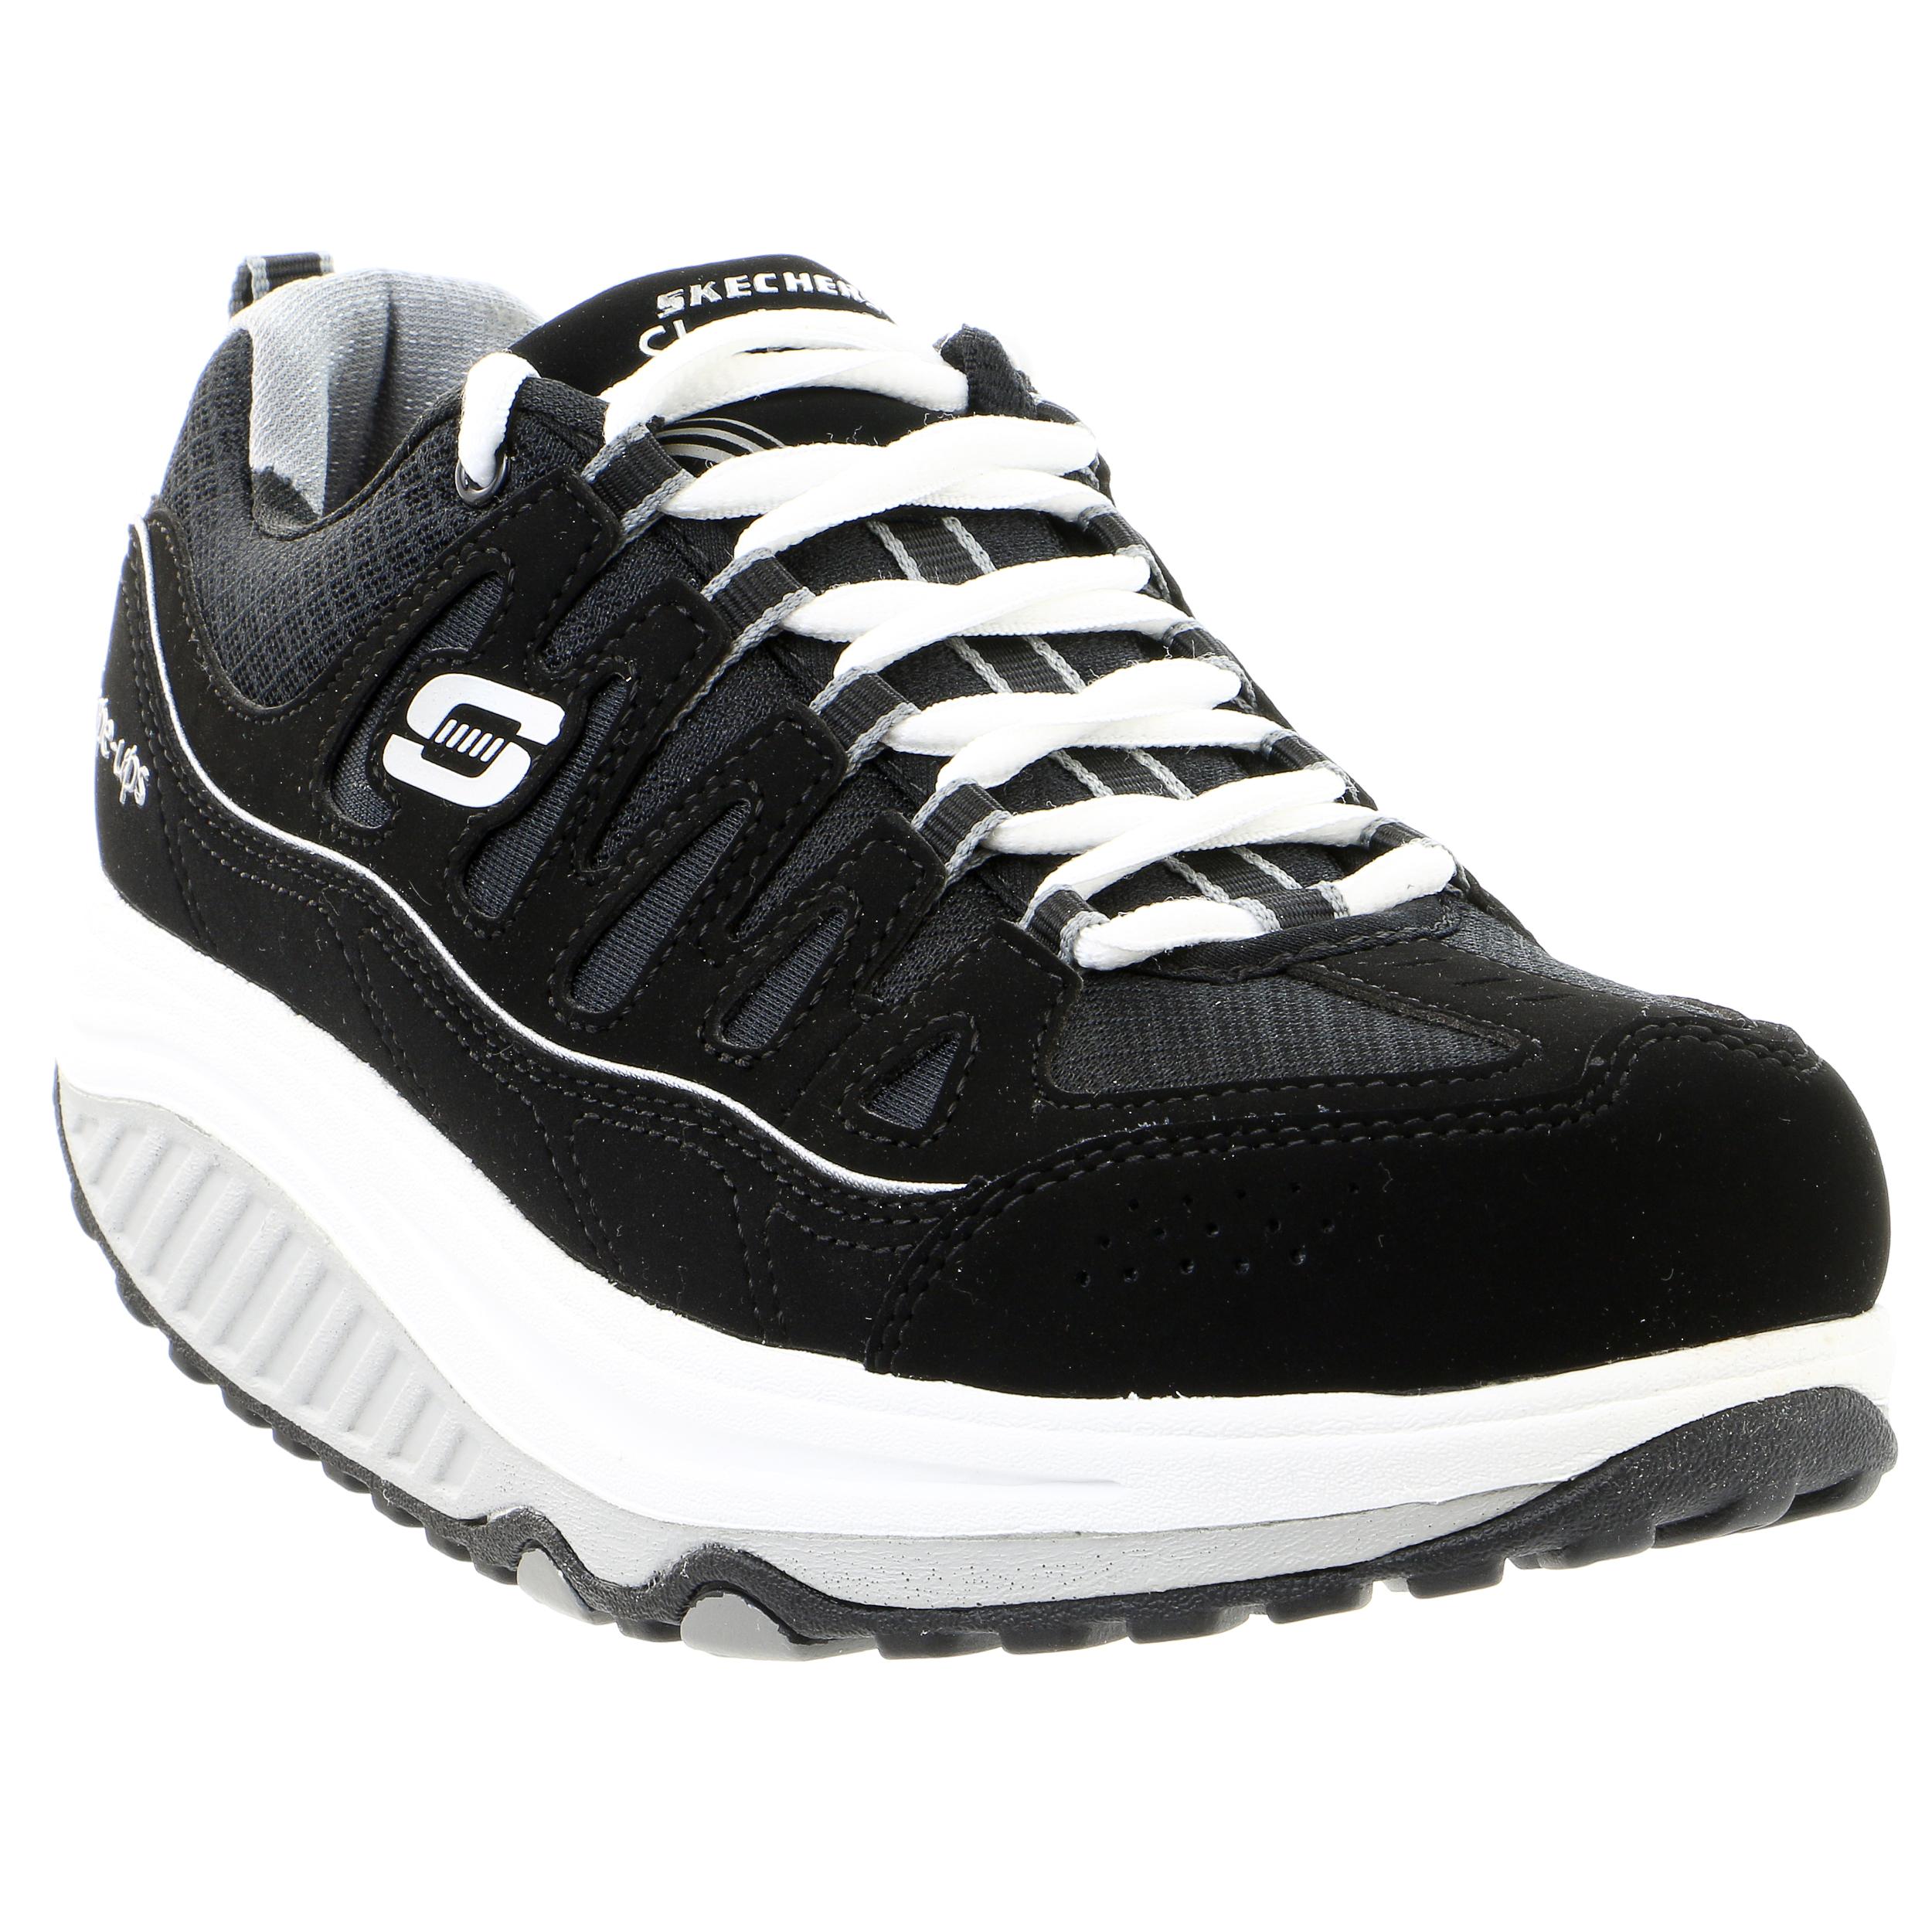 Skechers Shape Ups 2.0 Comfort Stride Walking Sneaker Shoe - Womens